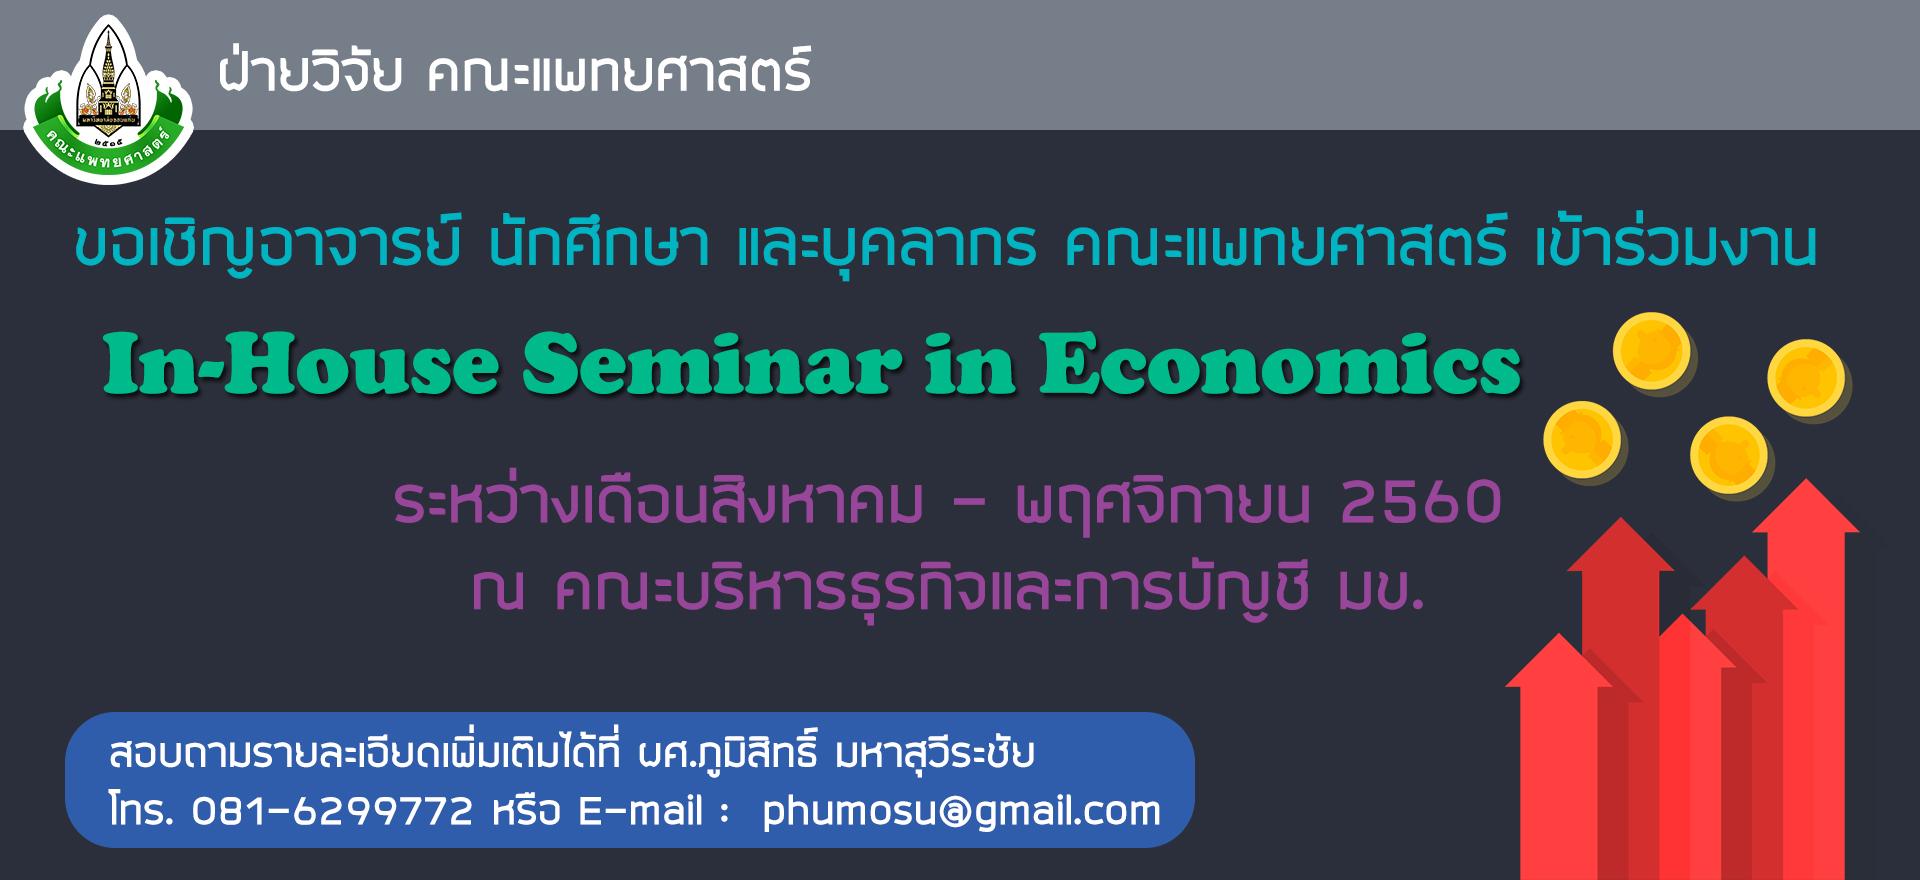 ขอเชิญเข้าร่วมงาน In-house Seminar Economics